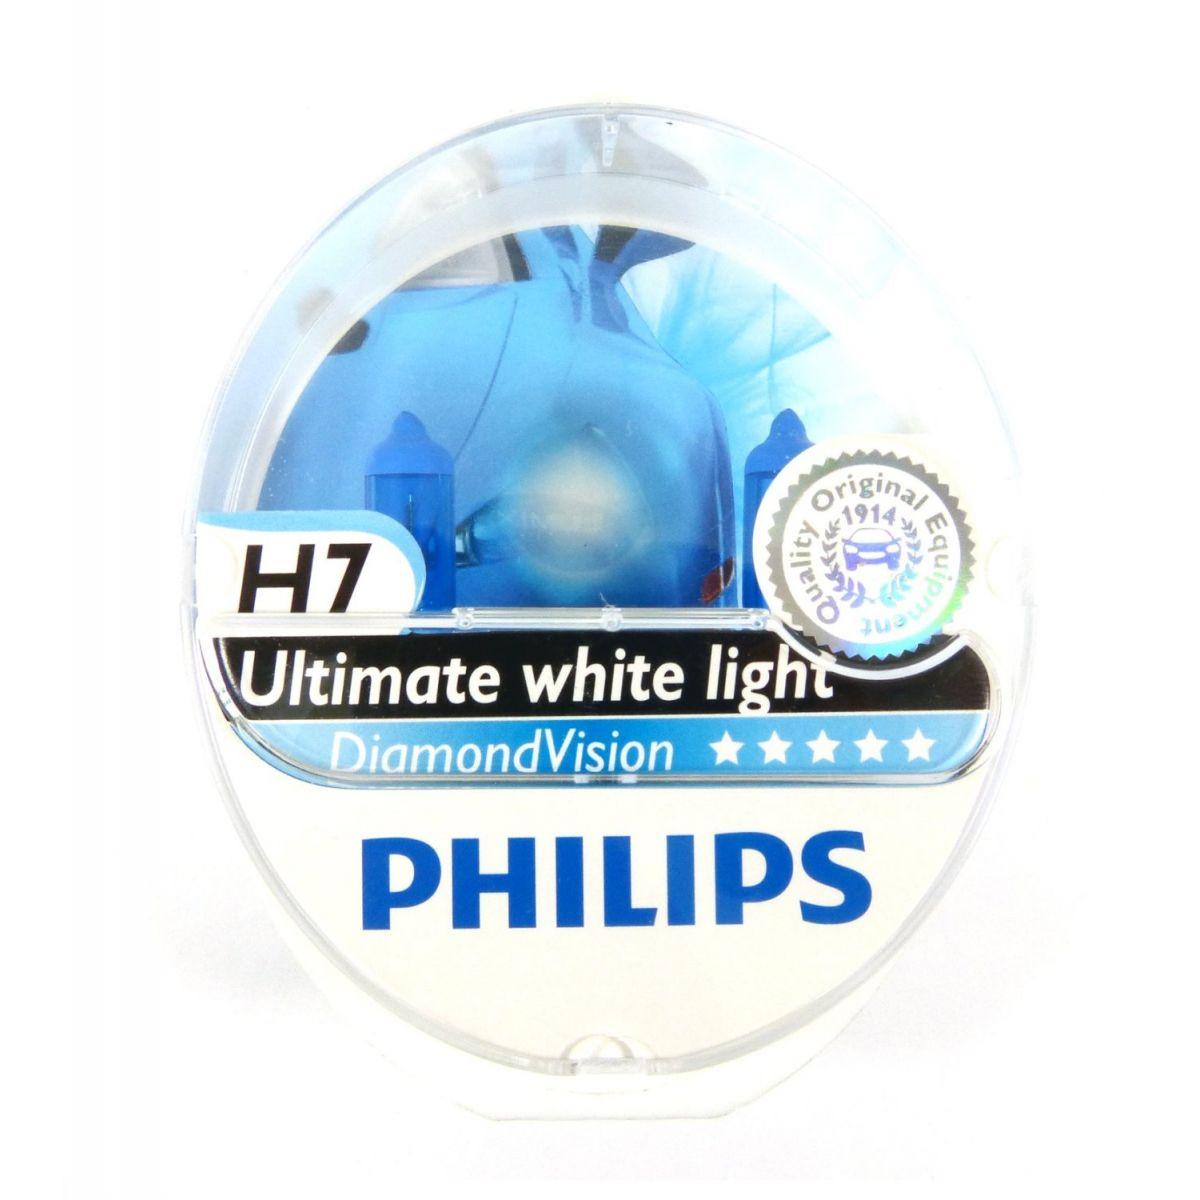 Lâmpada H7 55w Philips Diamond Vision 5000k - PAR